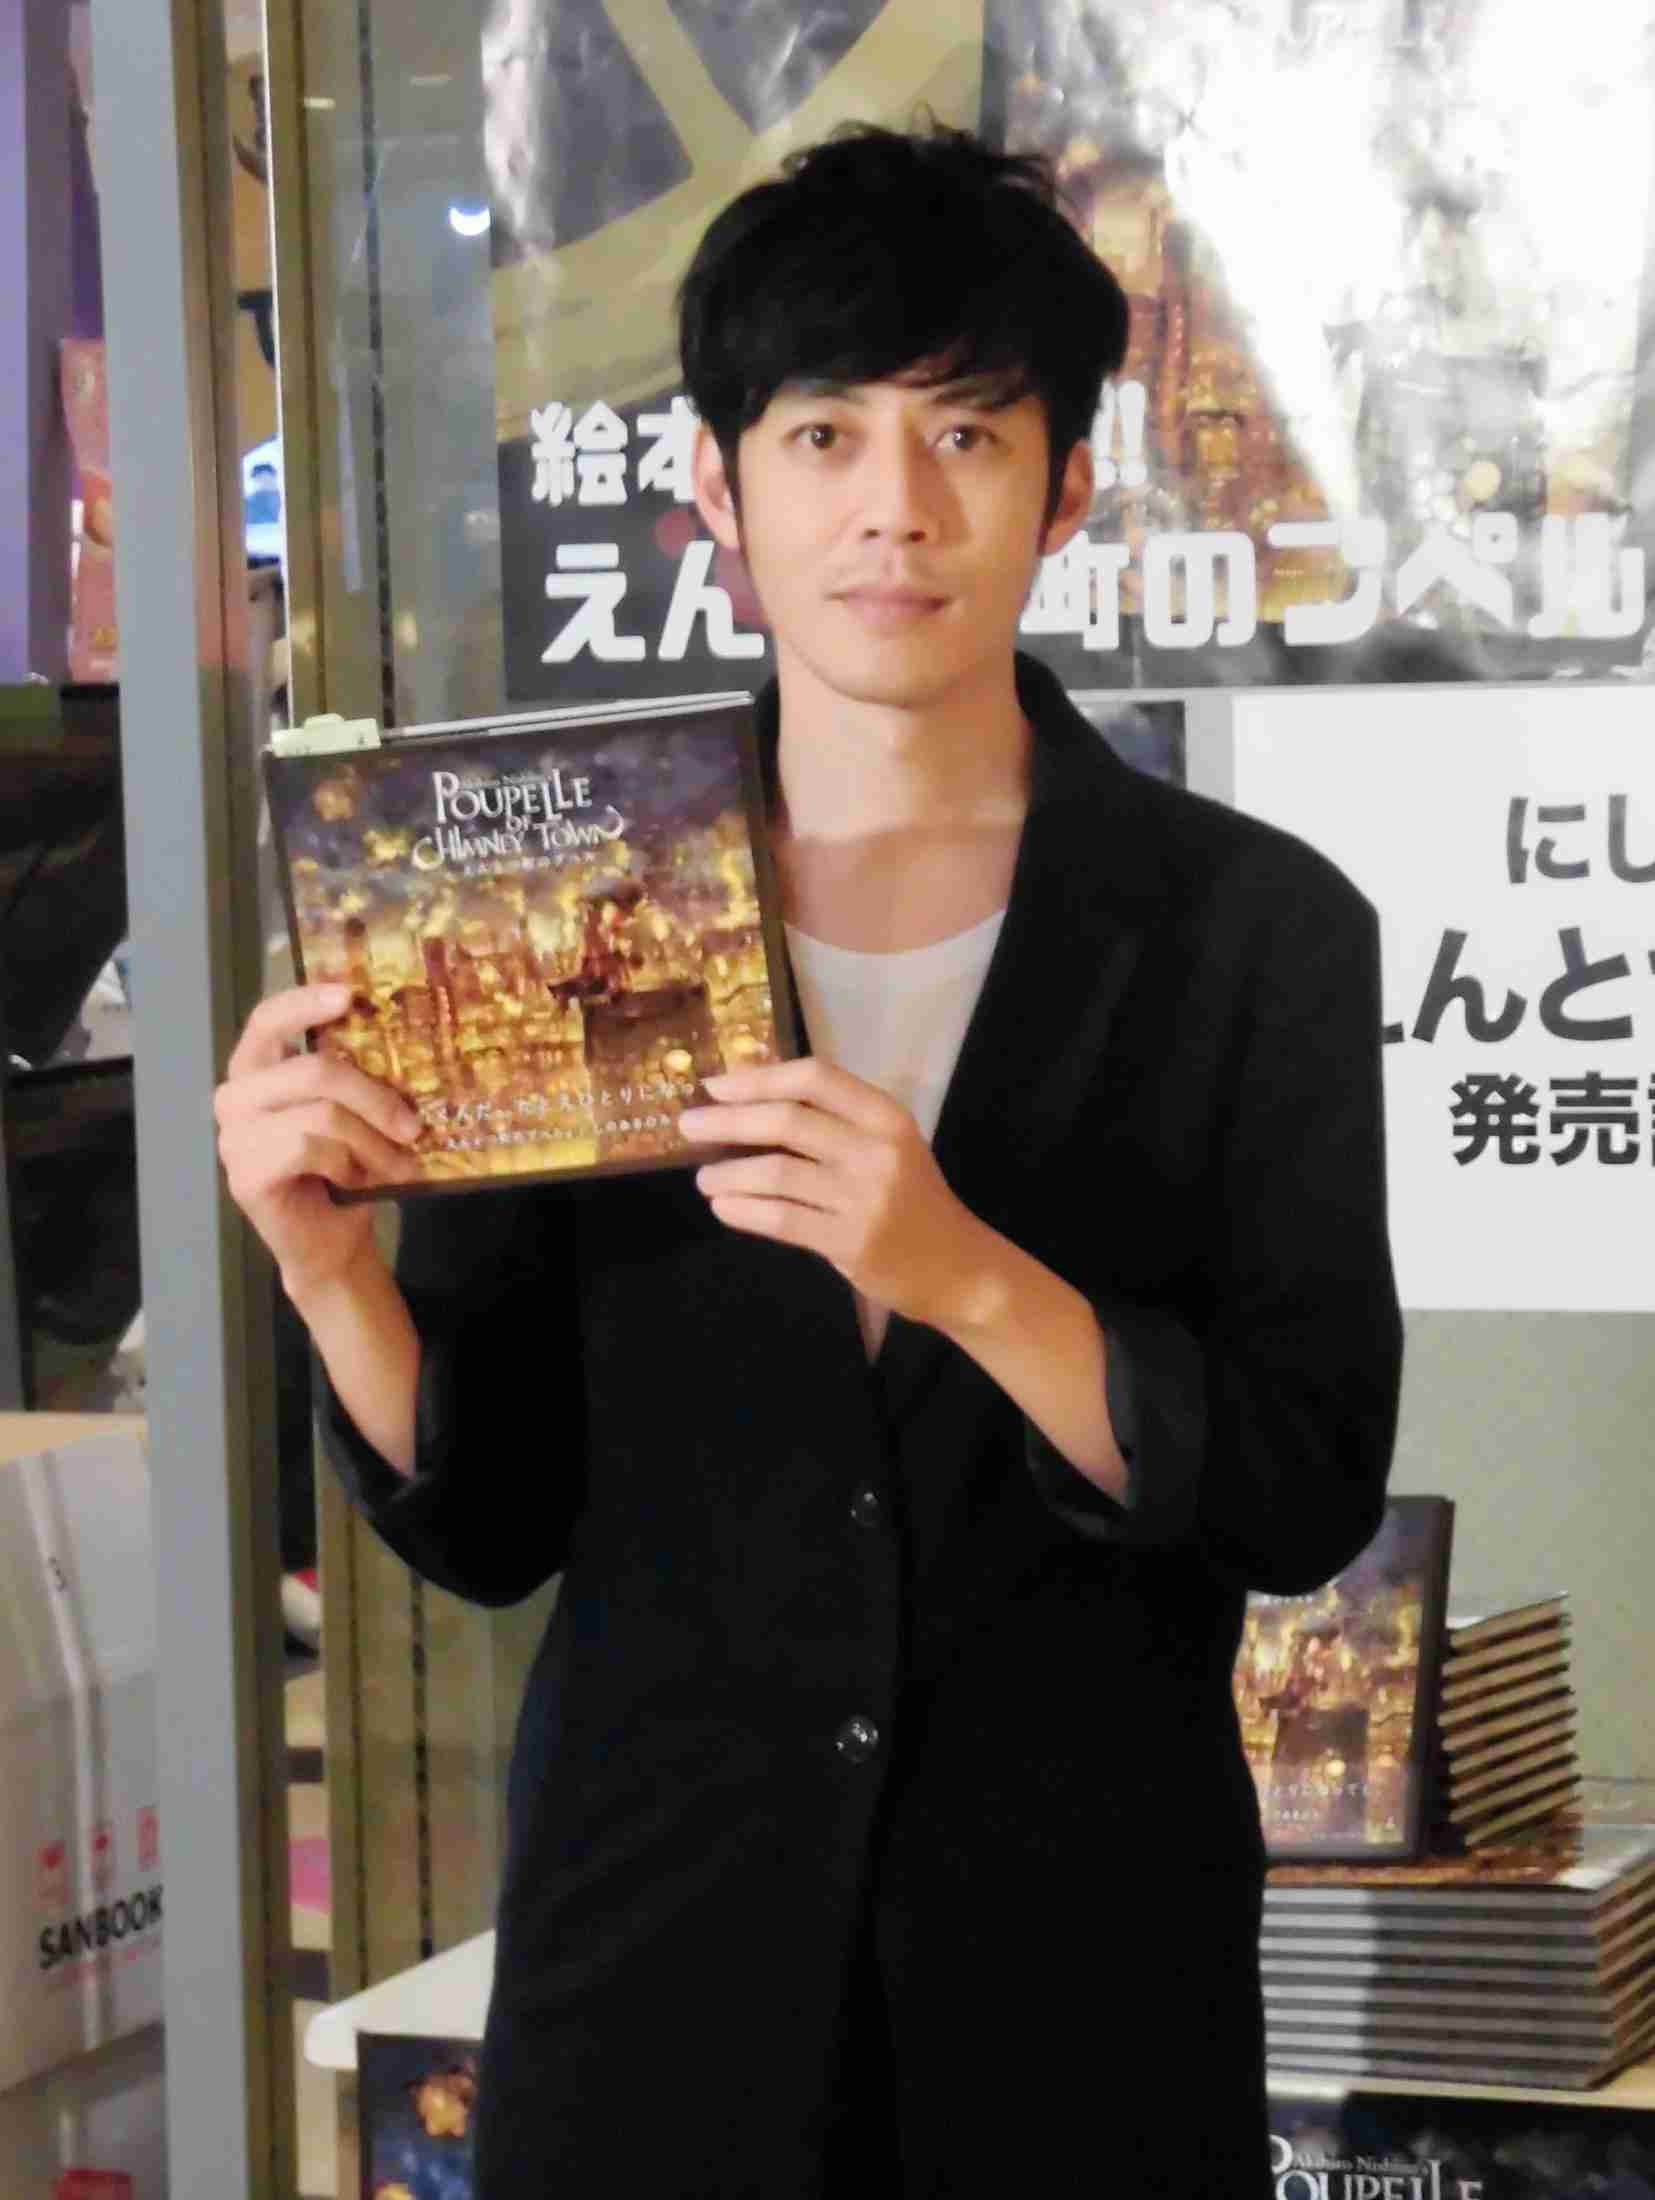 キンコン西野 岡村は「得意じゃない」と不仲明かす…嫌われ者は「僕と品川さん」 (デイリースポーツ) - Yahoo!ニュース